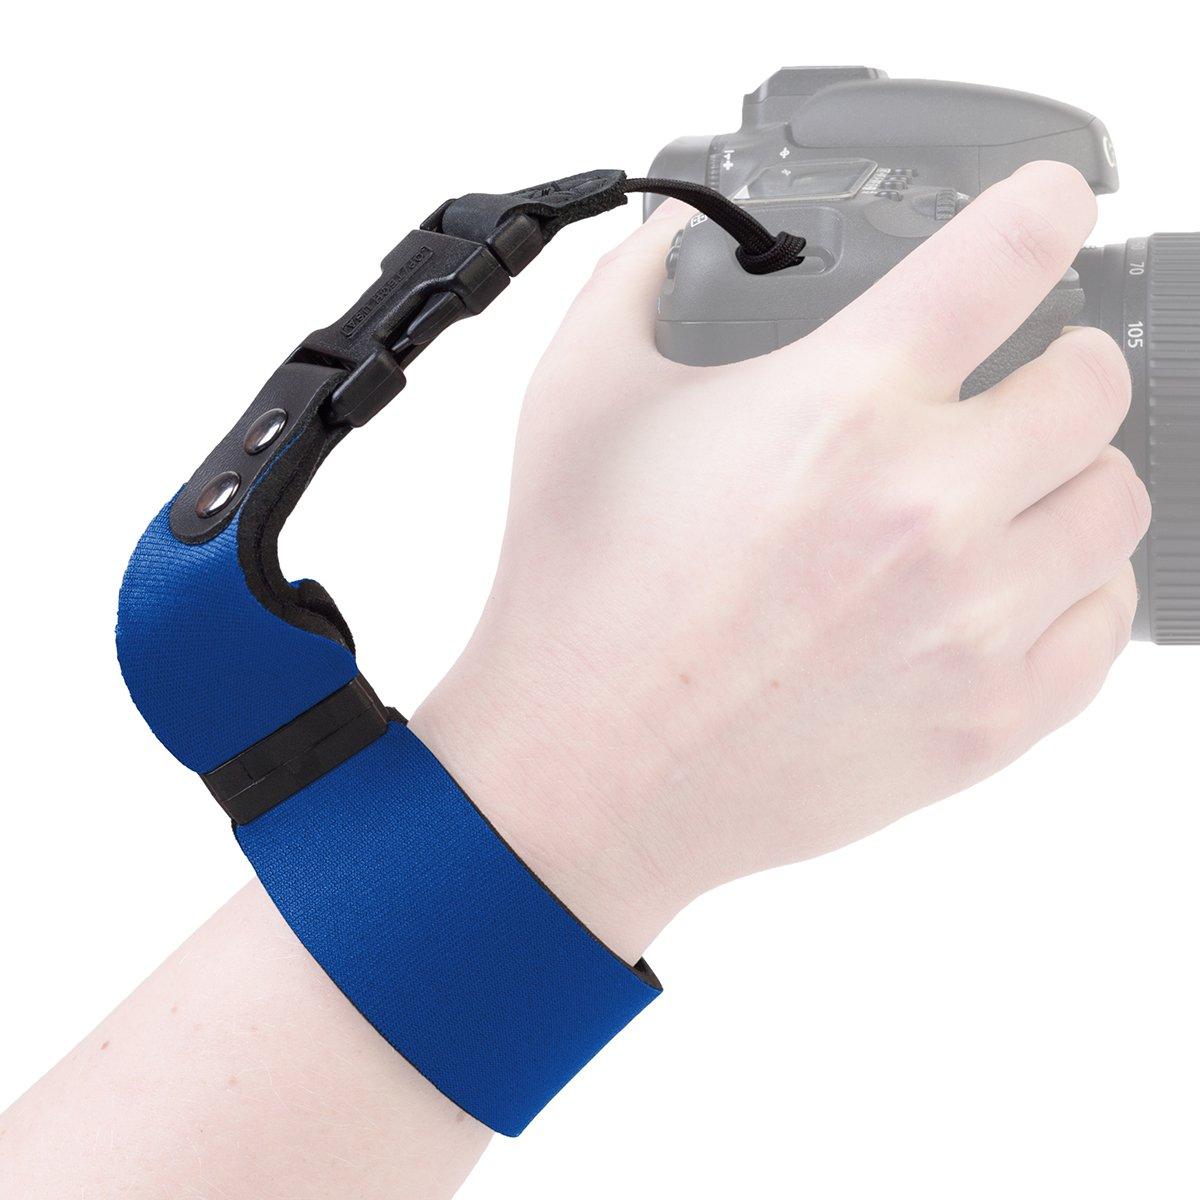 OP/TECH USA SLR Wrist Strap (Black) OpTech 6701062